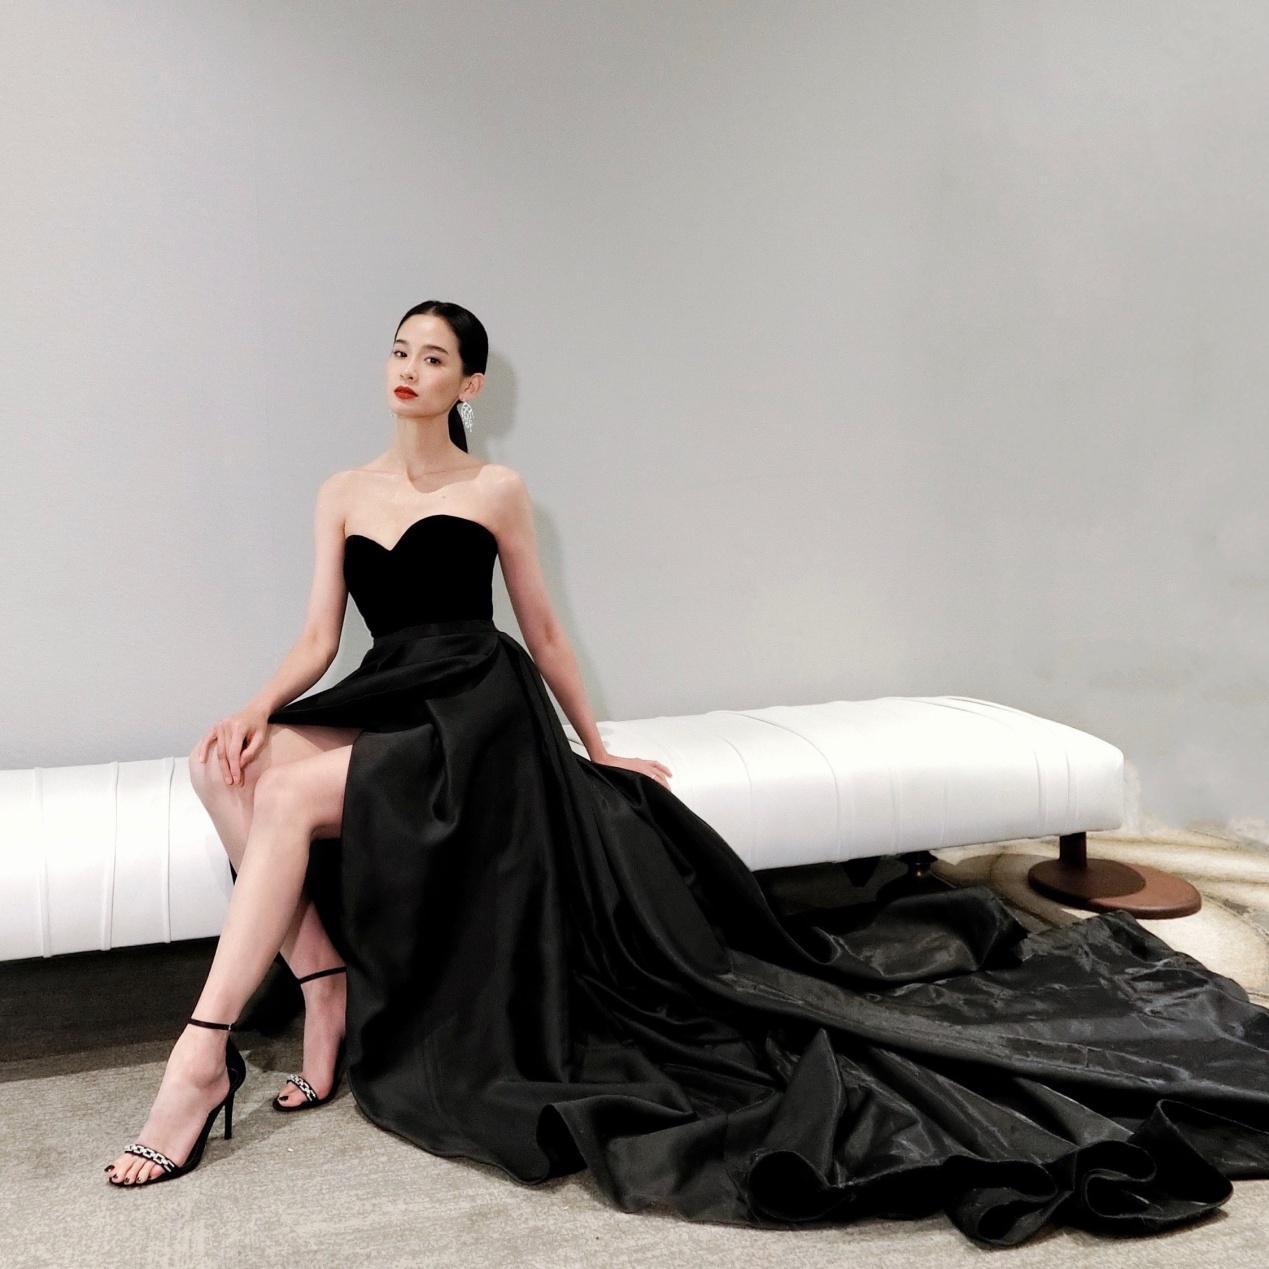 屈菁菁穿着STELLA LUNA高跟鞋出席澳洲电影学院颁奖活动优雅从容